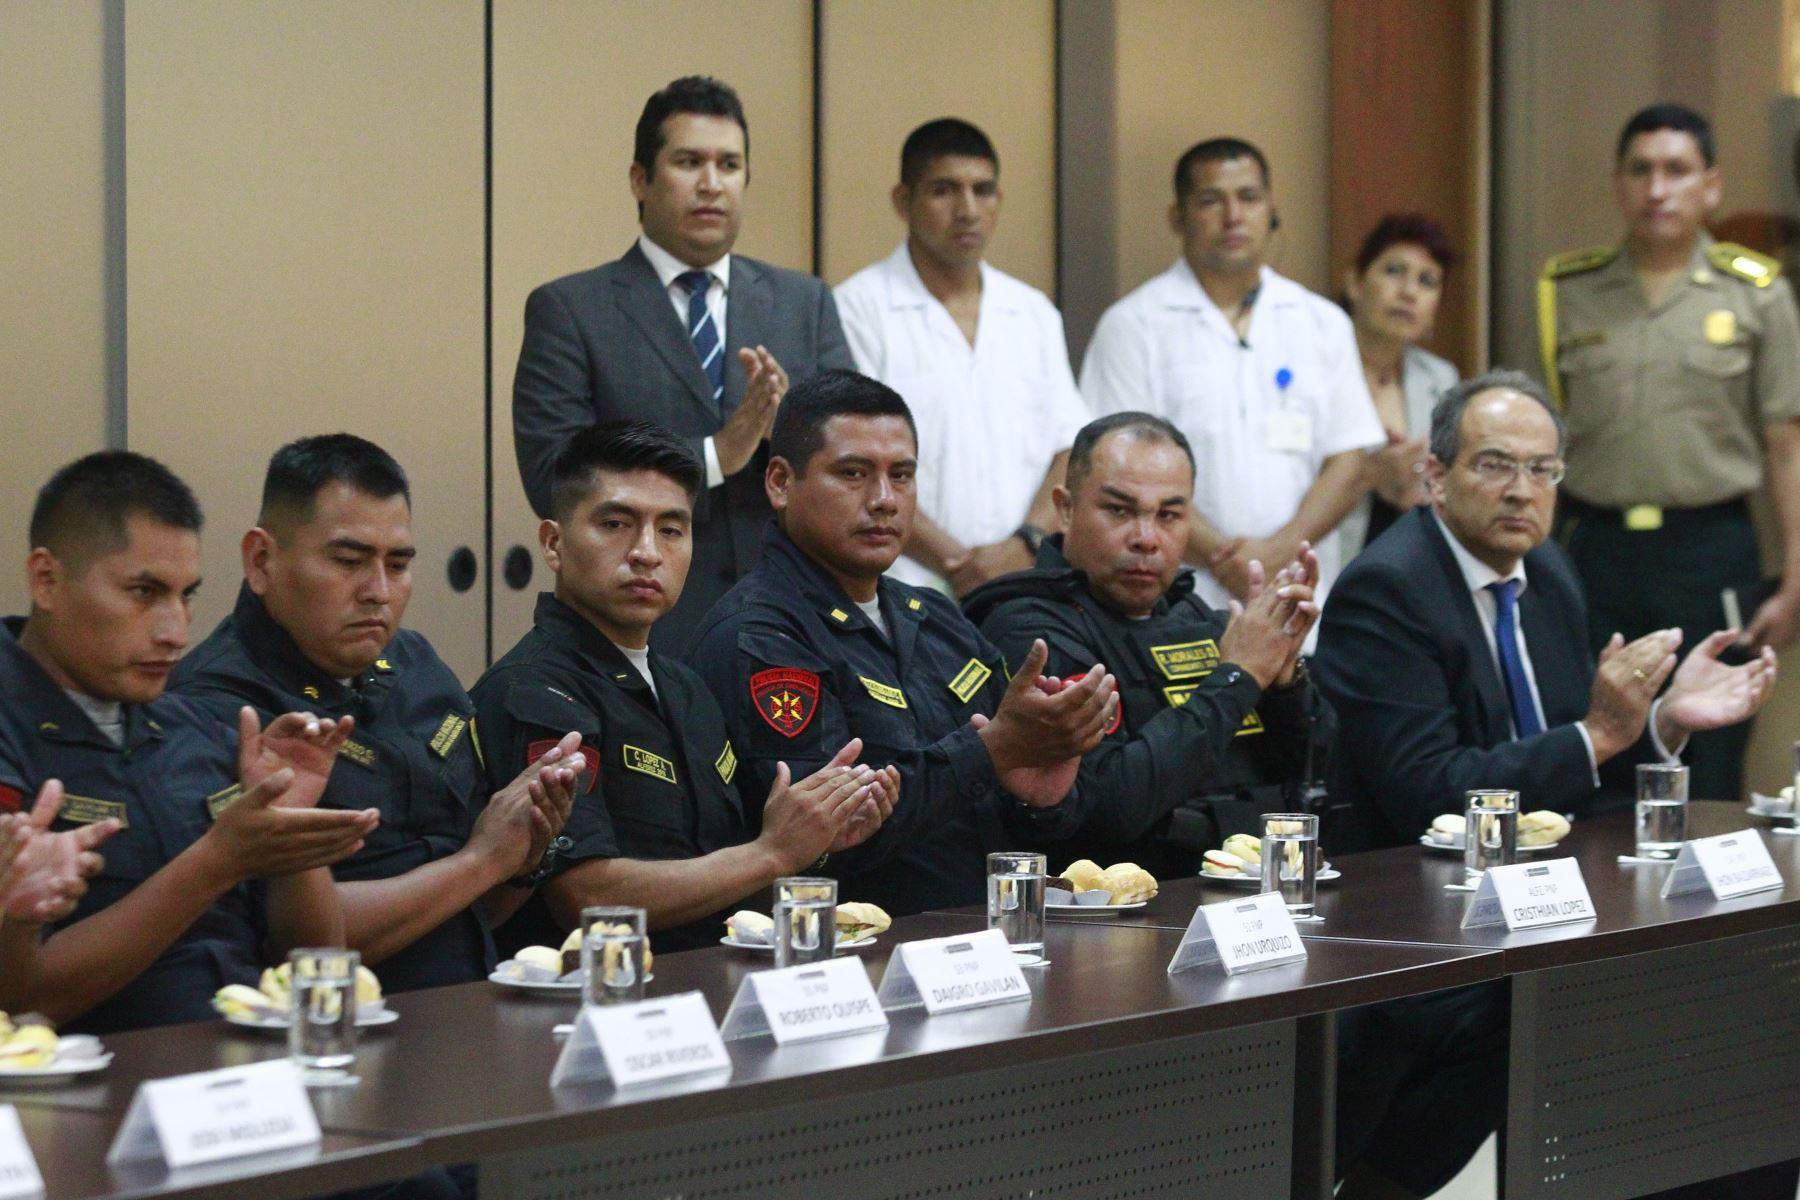 Ministro del Interior, Carlos Moran reconoce labor y premia a valerosos policías.  Foto: ANDINA/Eddy Ramos